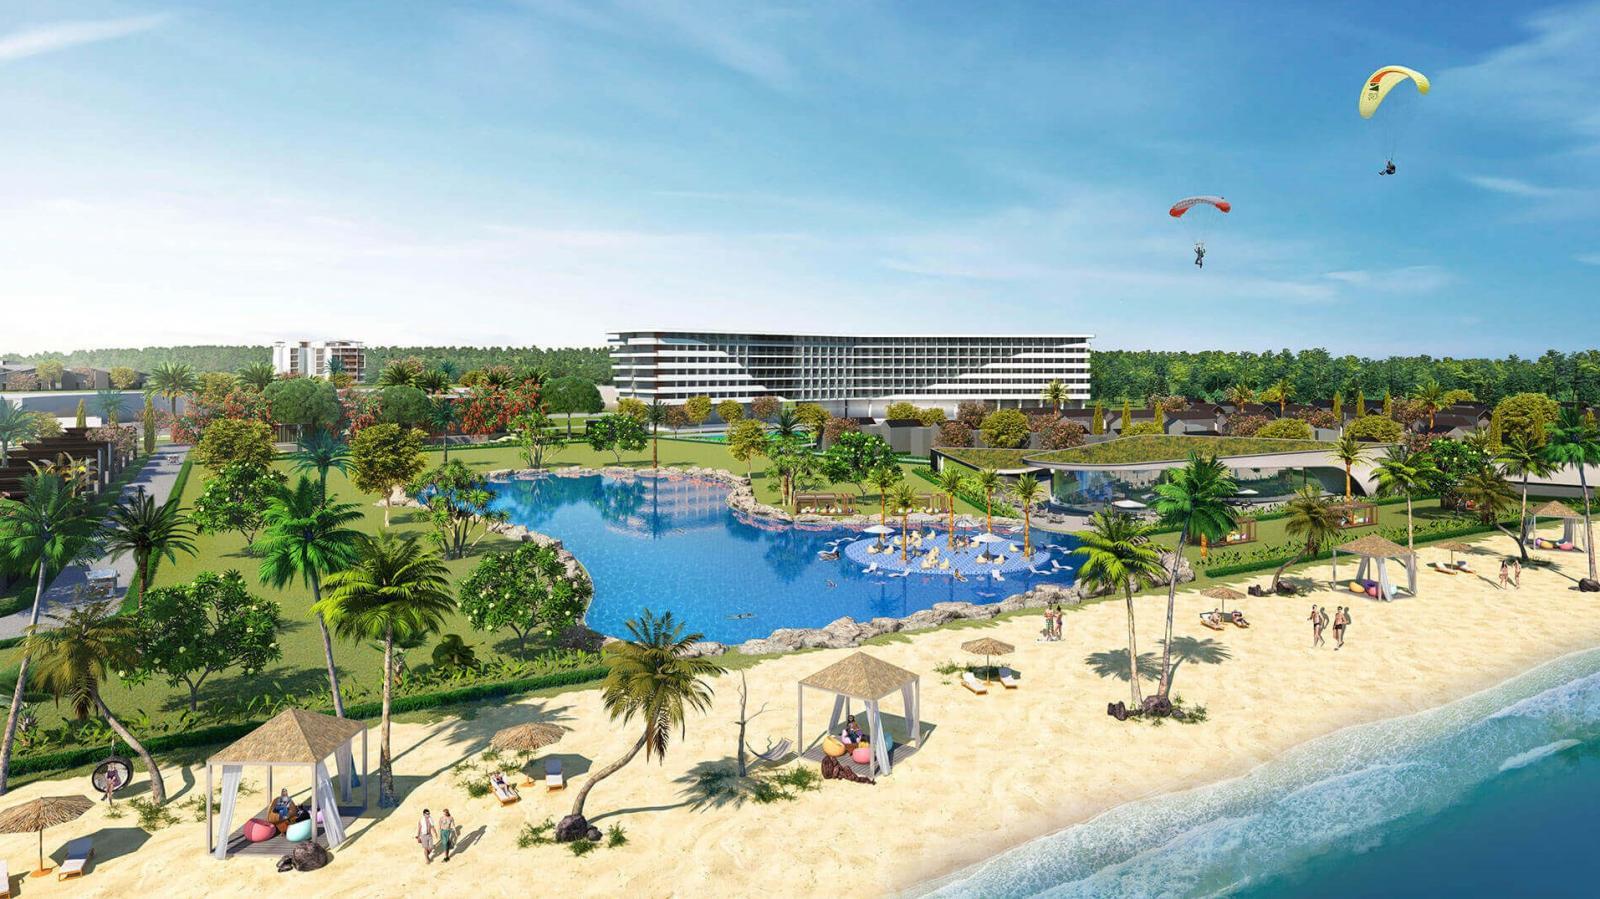 Sự xuất hiện của nhiều dự án du lịch nghỉ dưỡng lớn khiến giá nhà đất Bà Rịa - Vũng Tàu tăng mạnh trong những năm qua. Ảnh minh họa